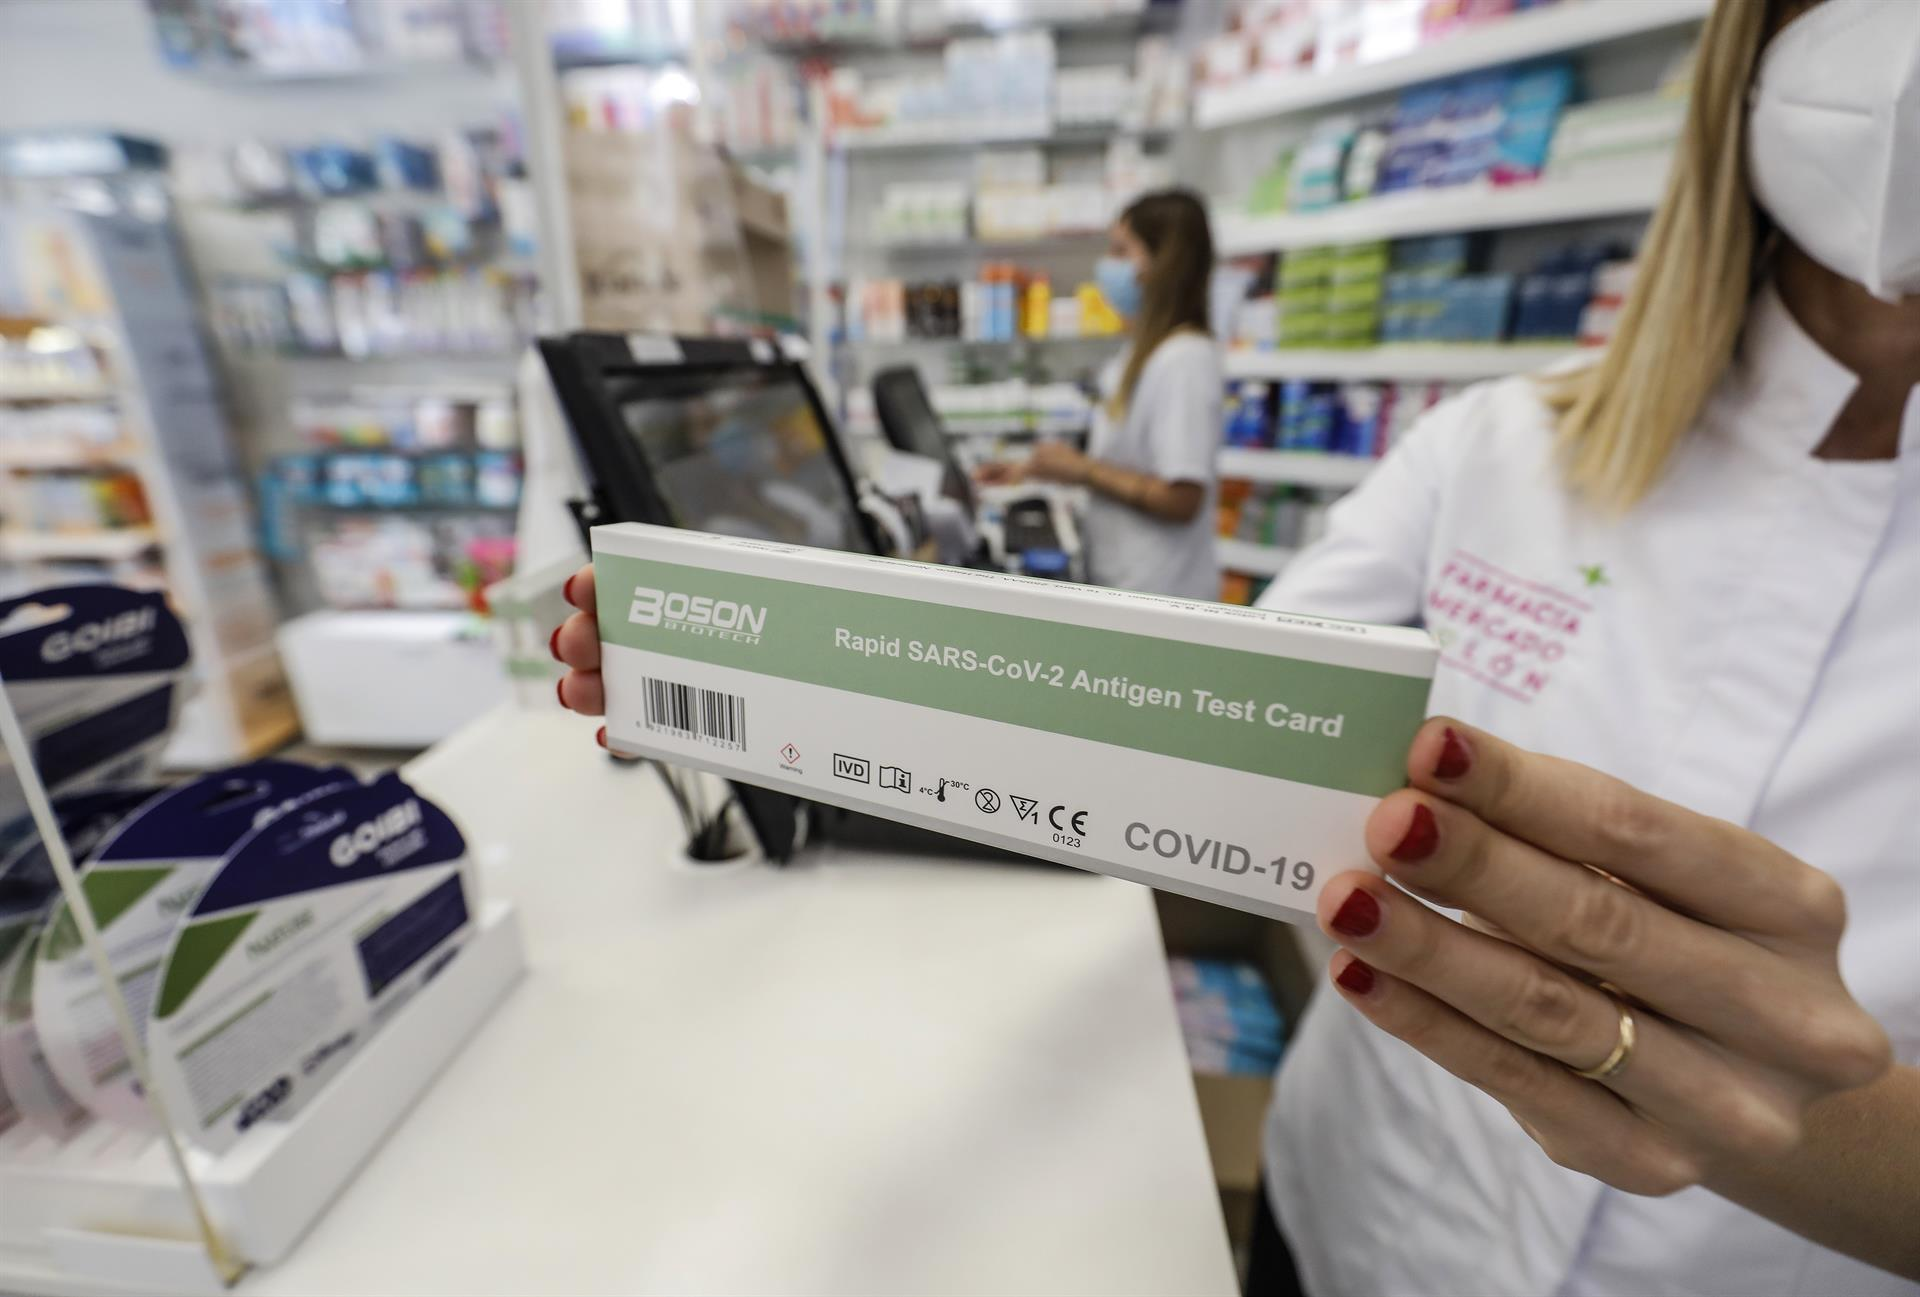 Una caja con test de antígenos contra la COVID-19 en una farmacia. - Rober Solsona